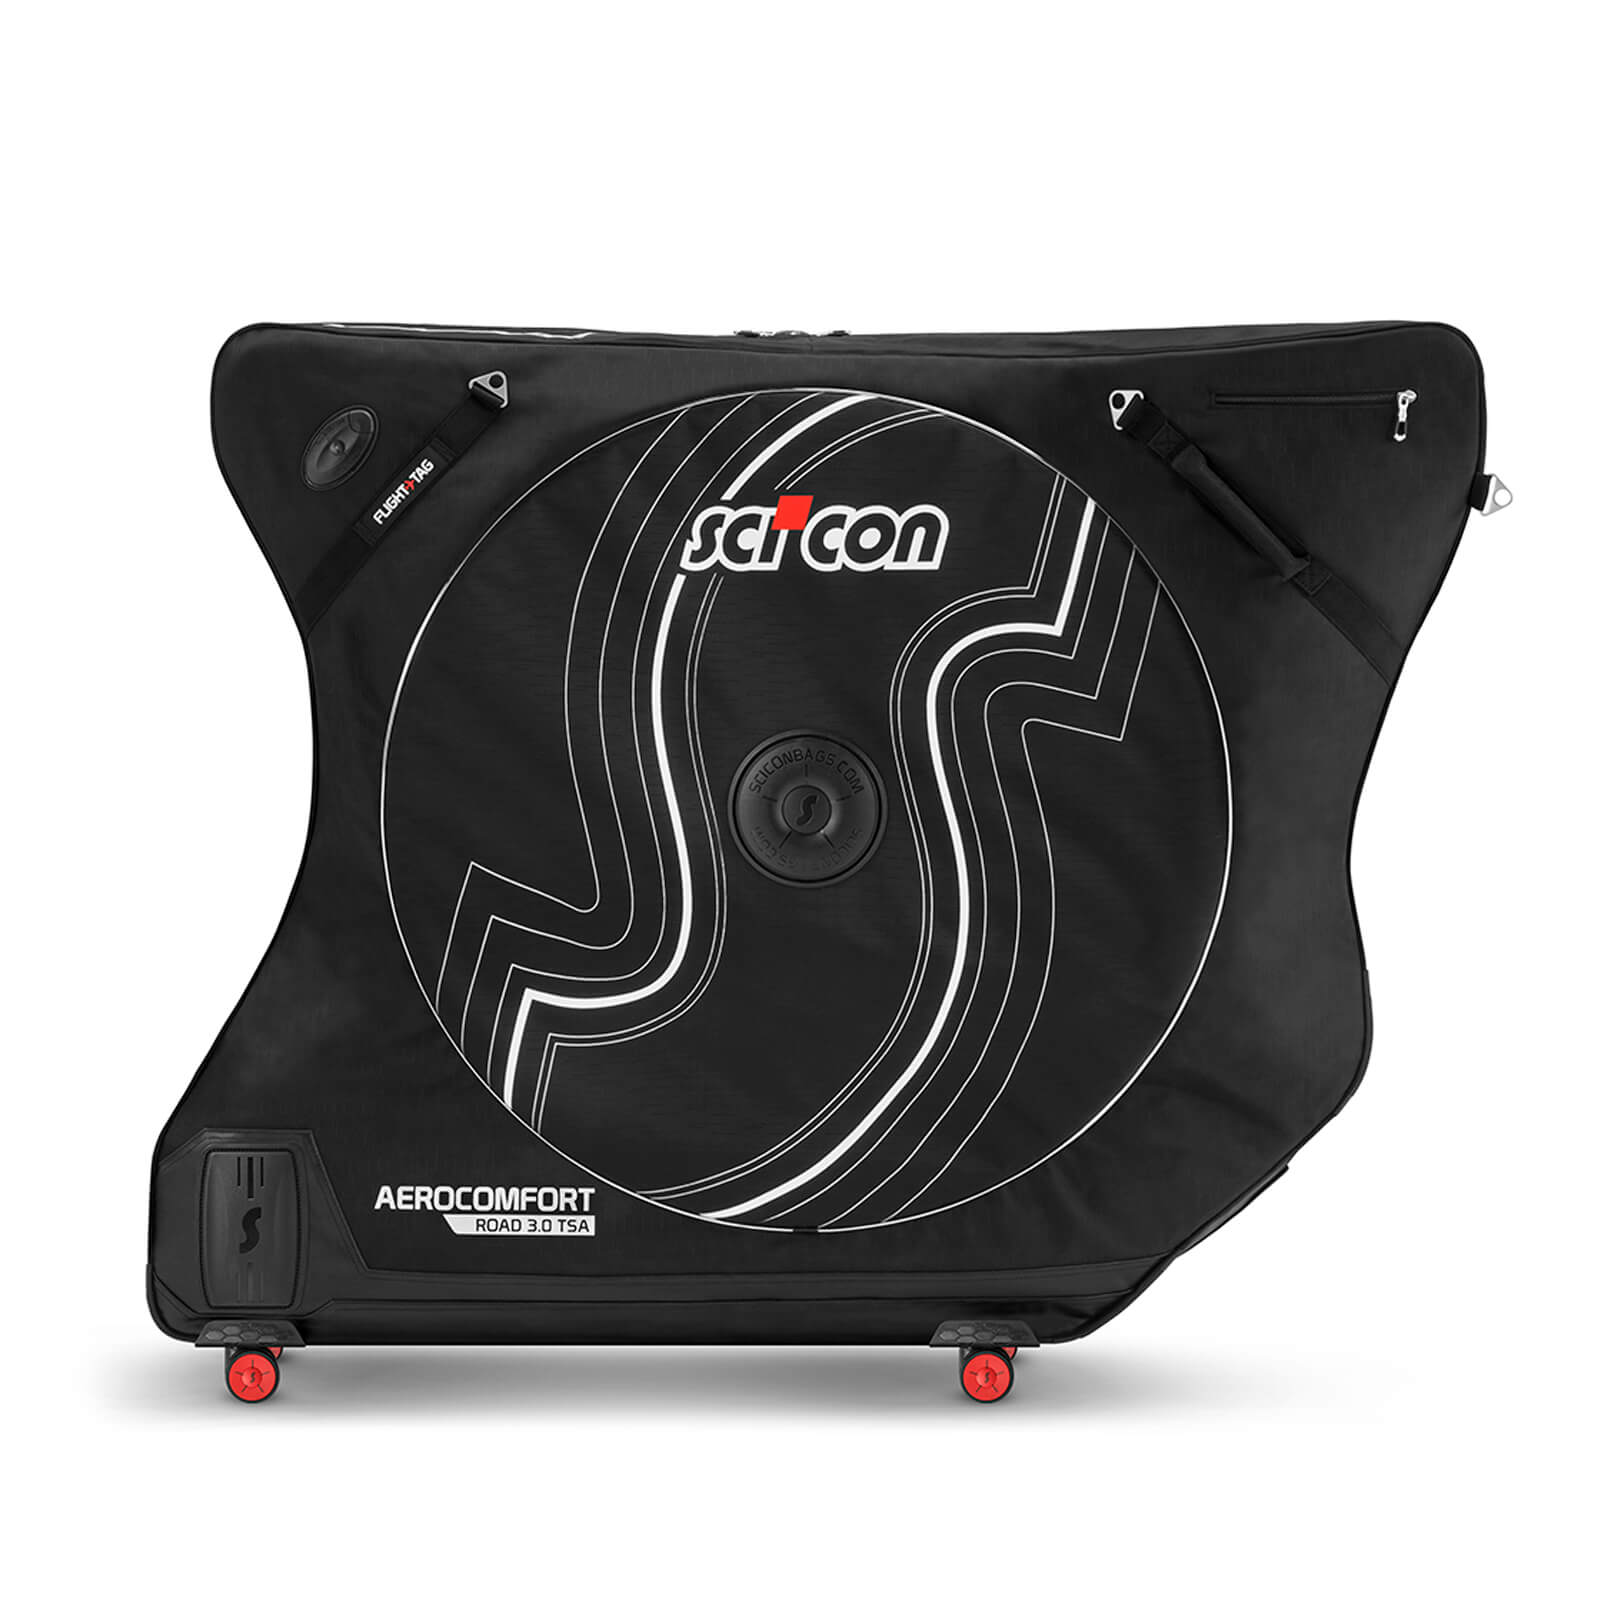 Scicon(シーコン) AeroComfort ロード 3.0 TSA バイクバッグ